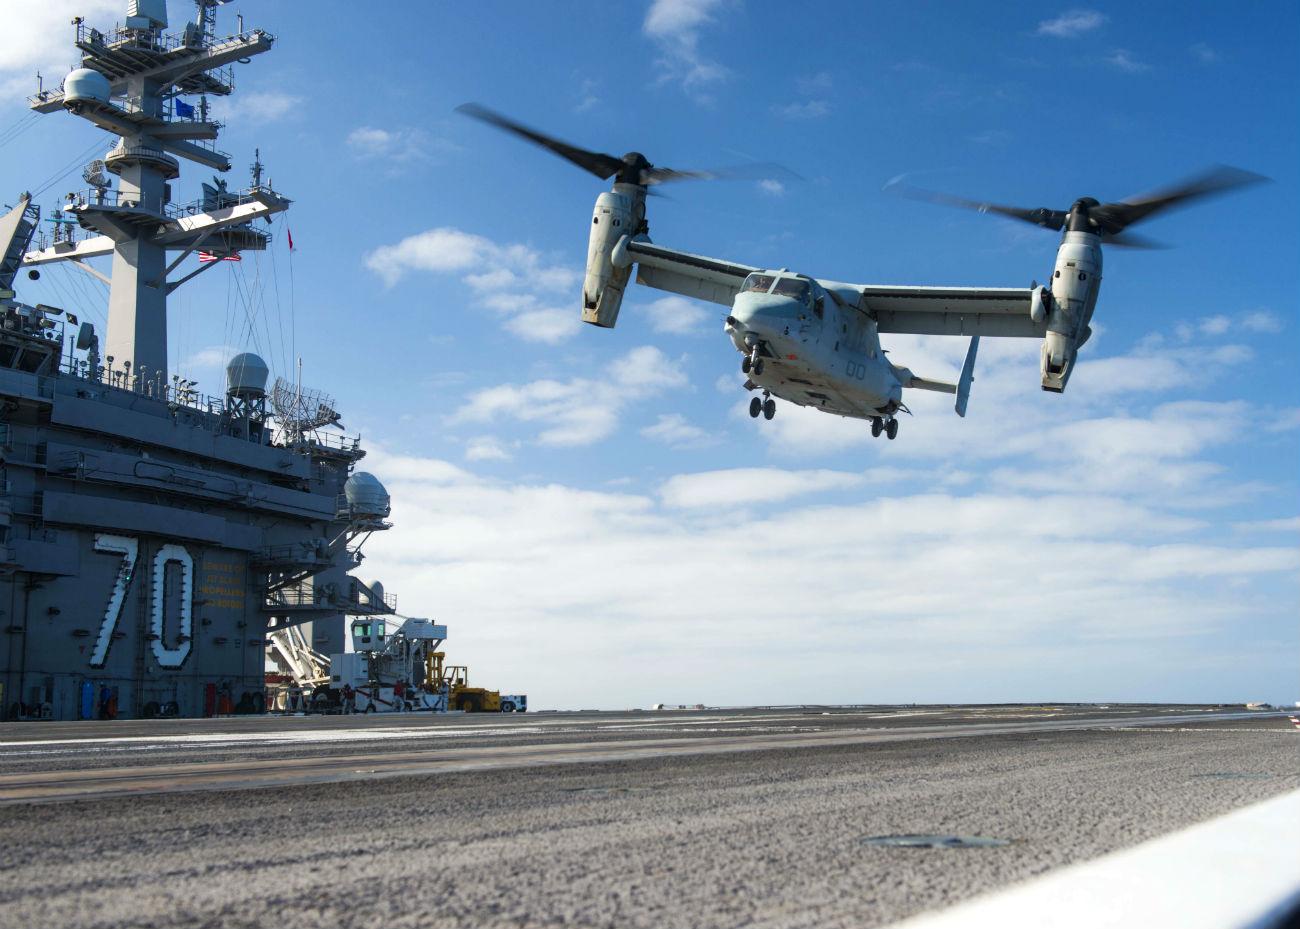 V-22-Osprey-lands-on-carrier.jpg